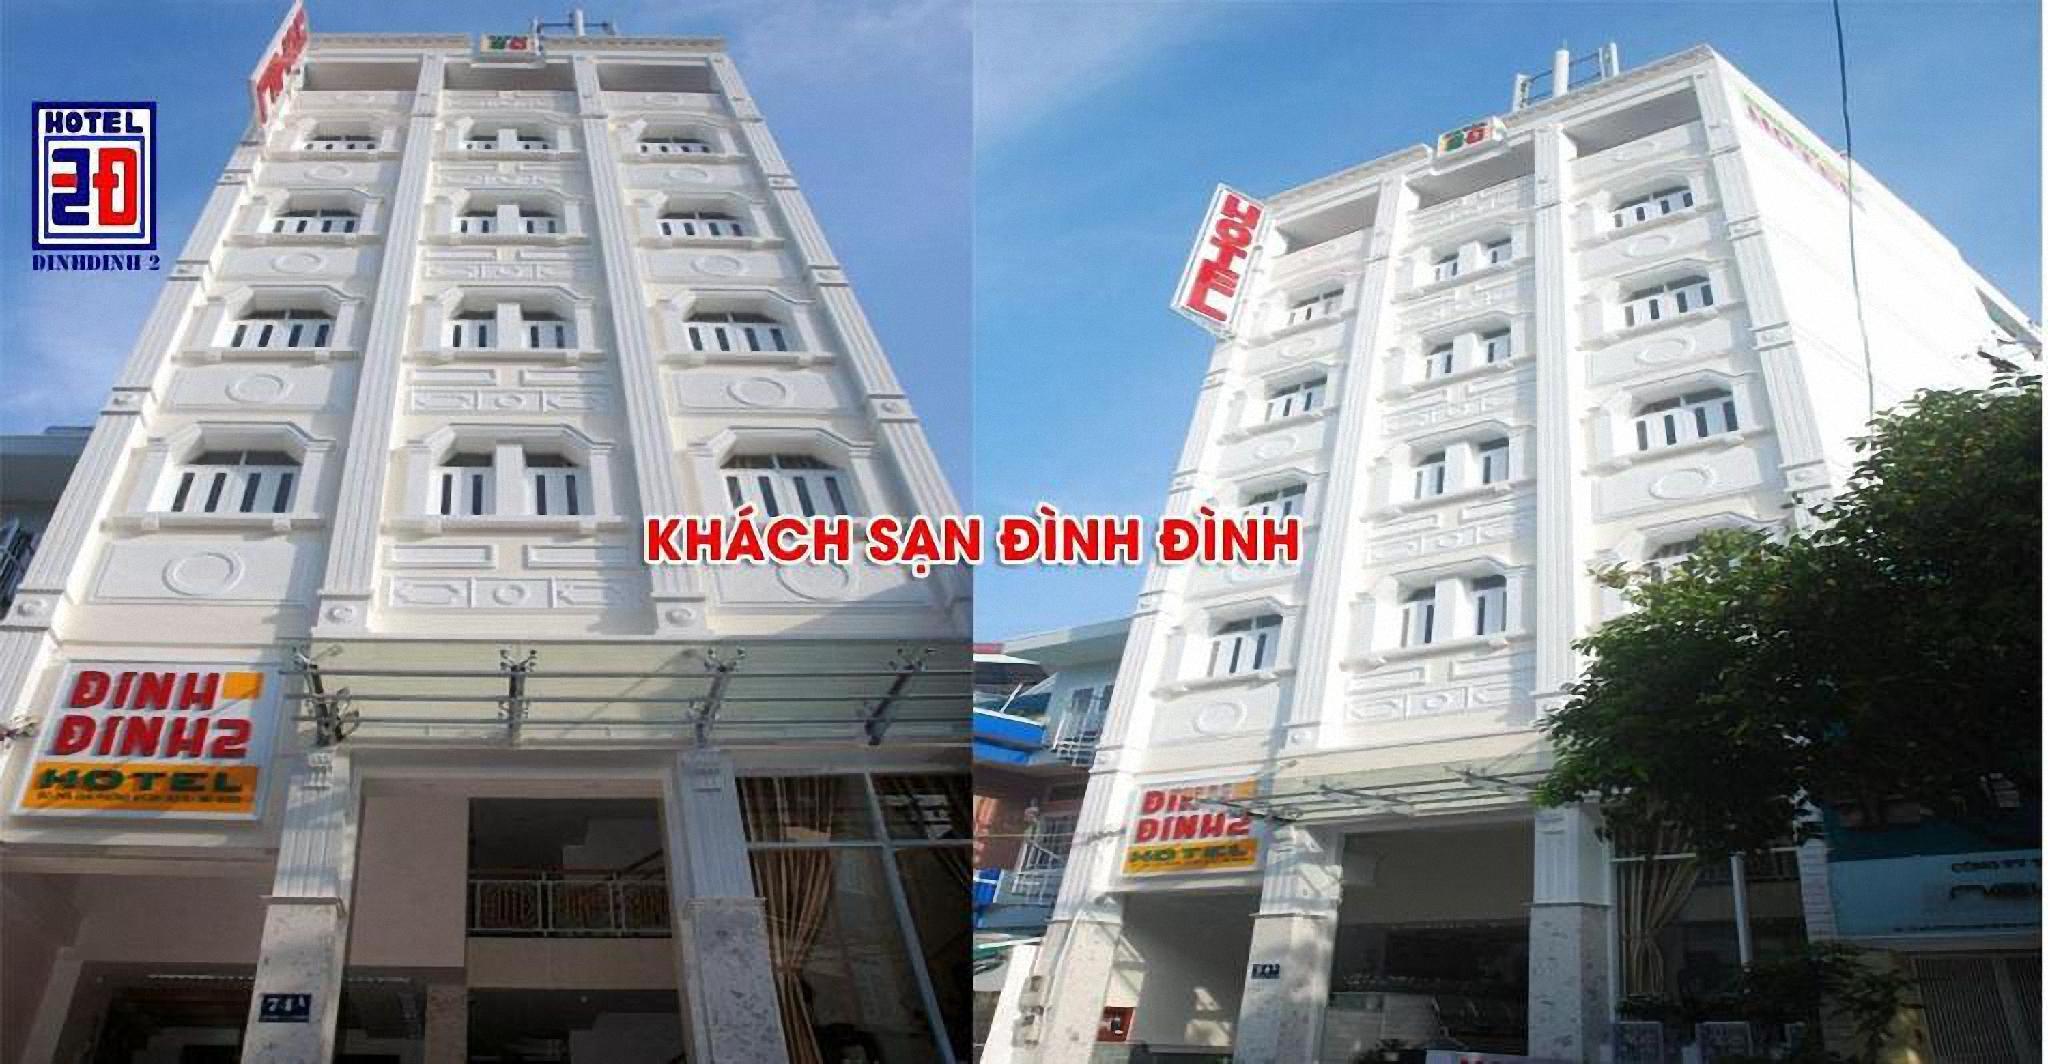 AHA Dinh Dinh 2 Hotel